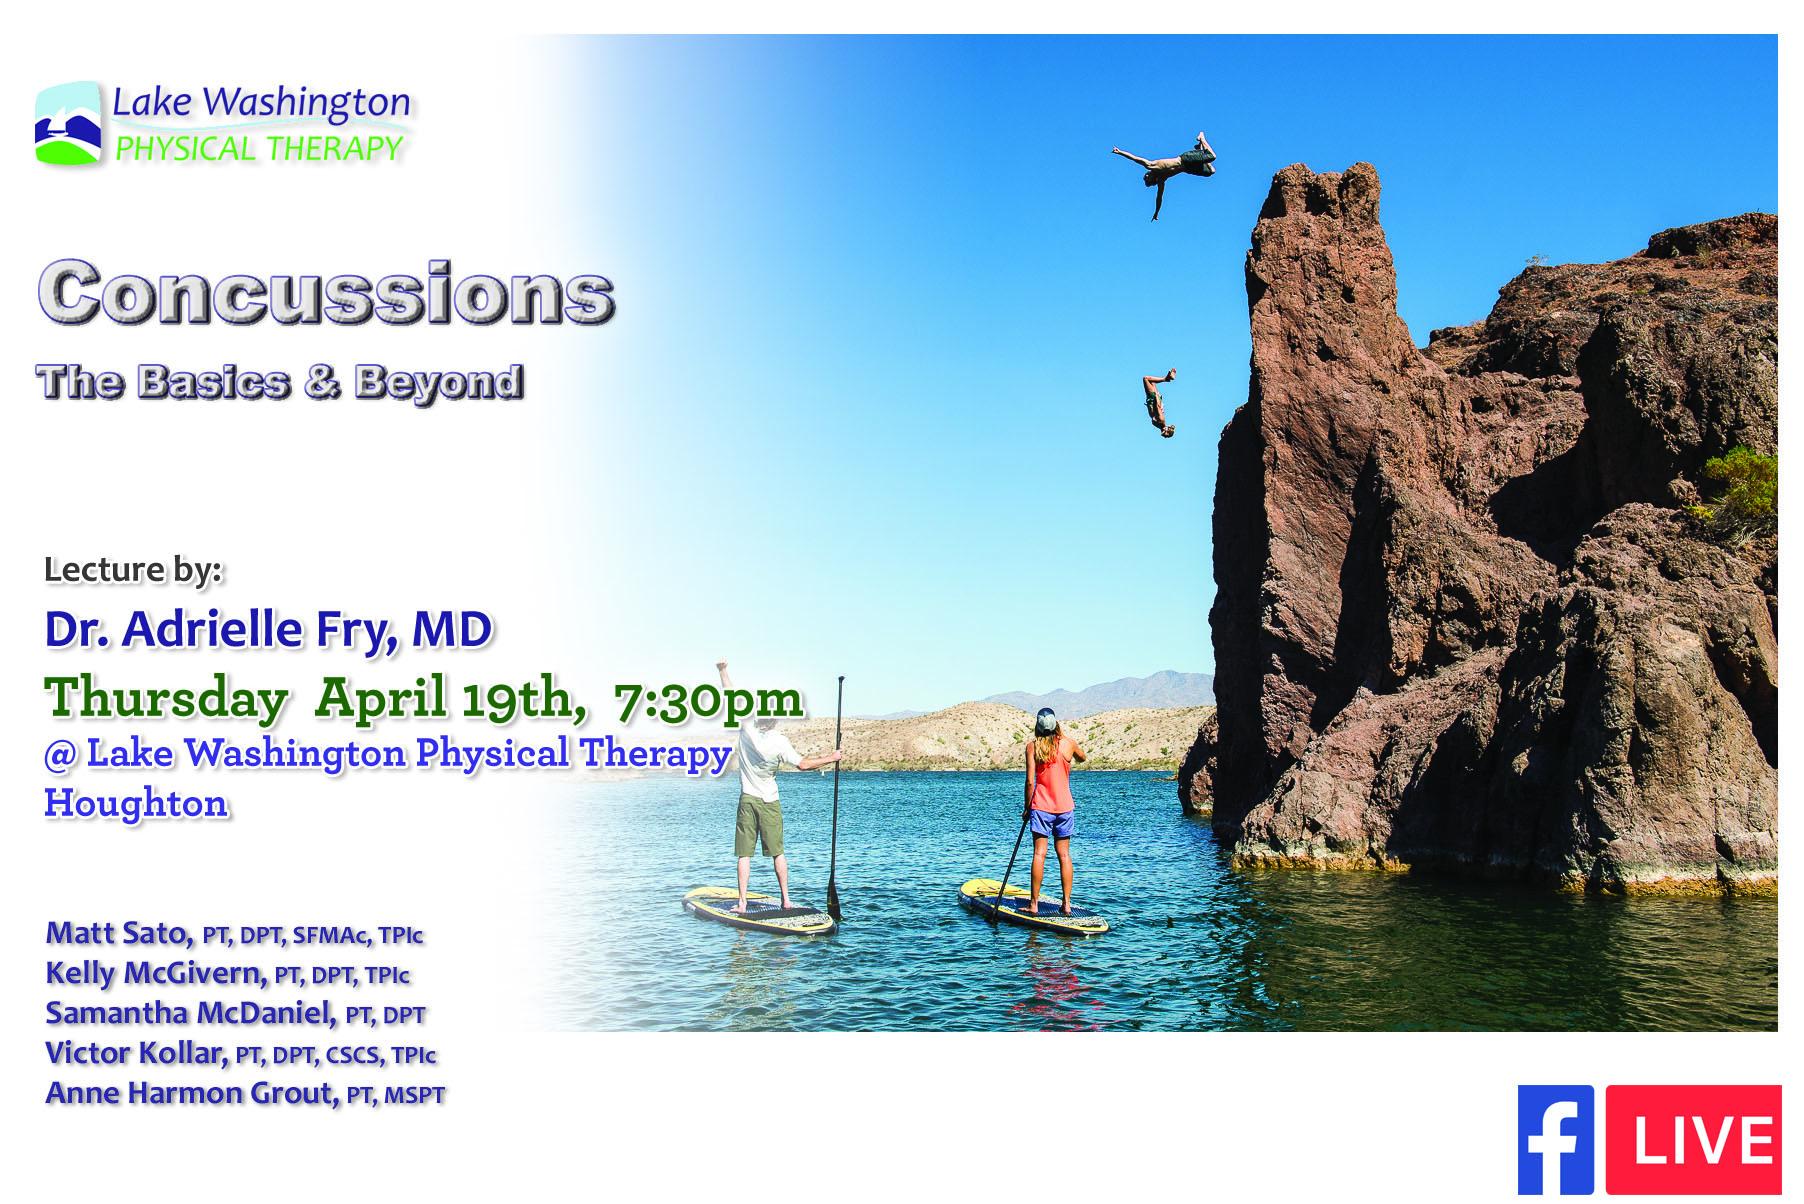 Dr. Adrielle Fry, MDConcussion Lecture - Dr. Fy's Website